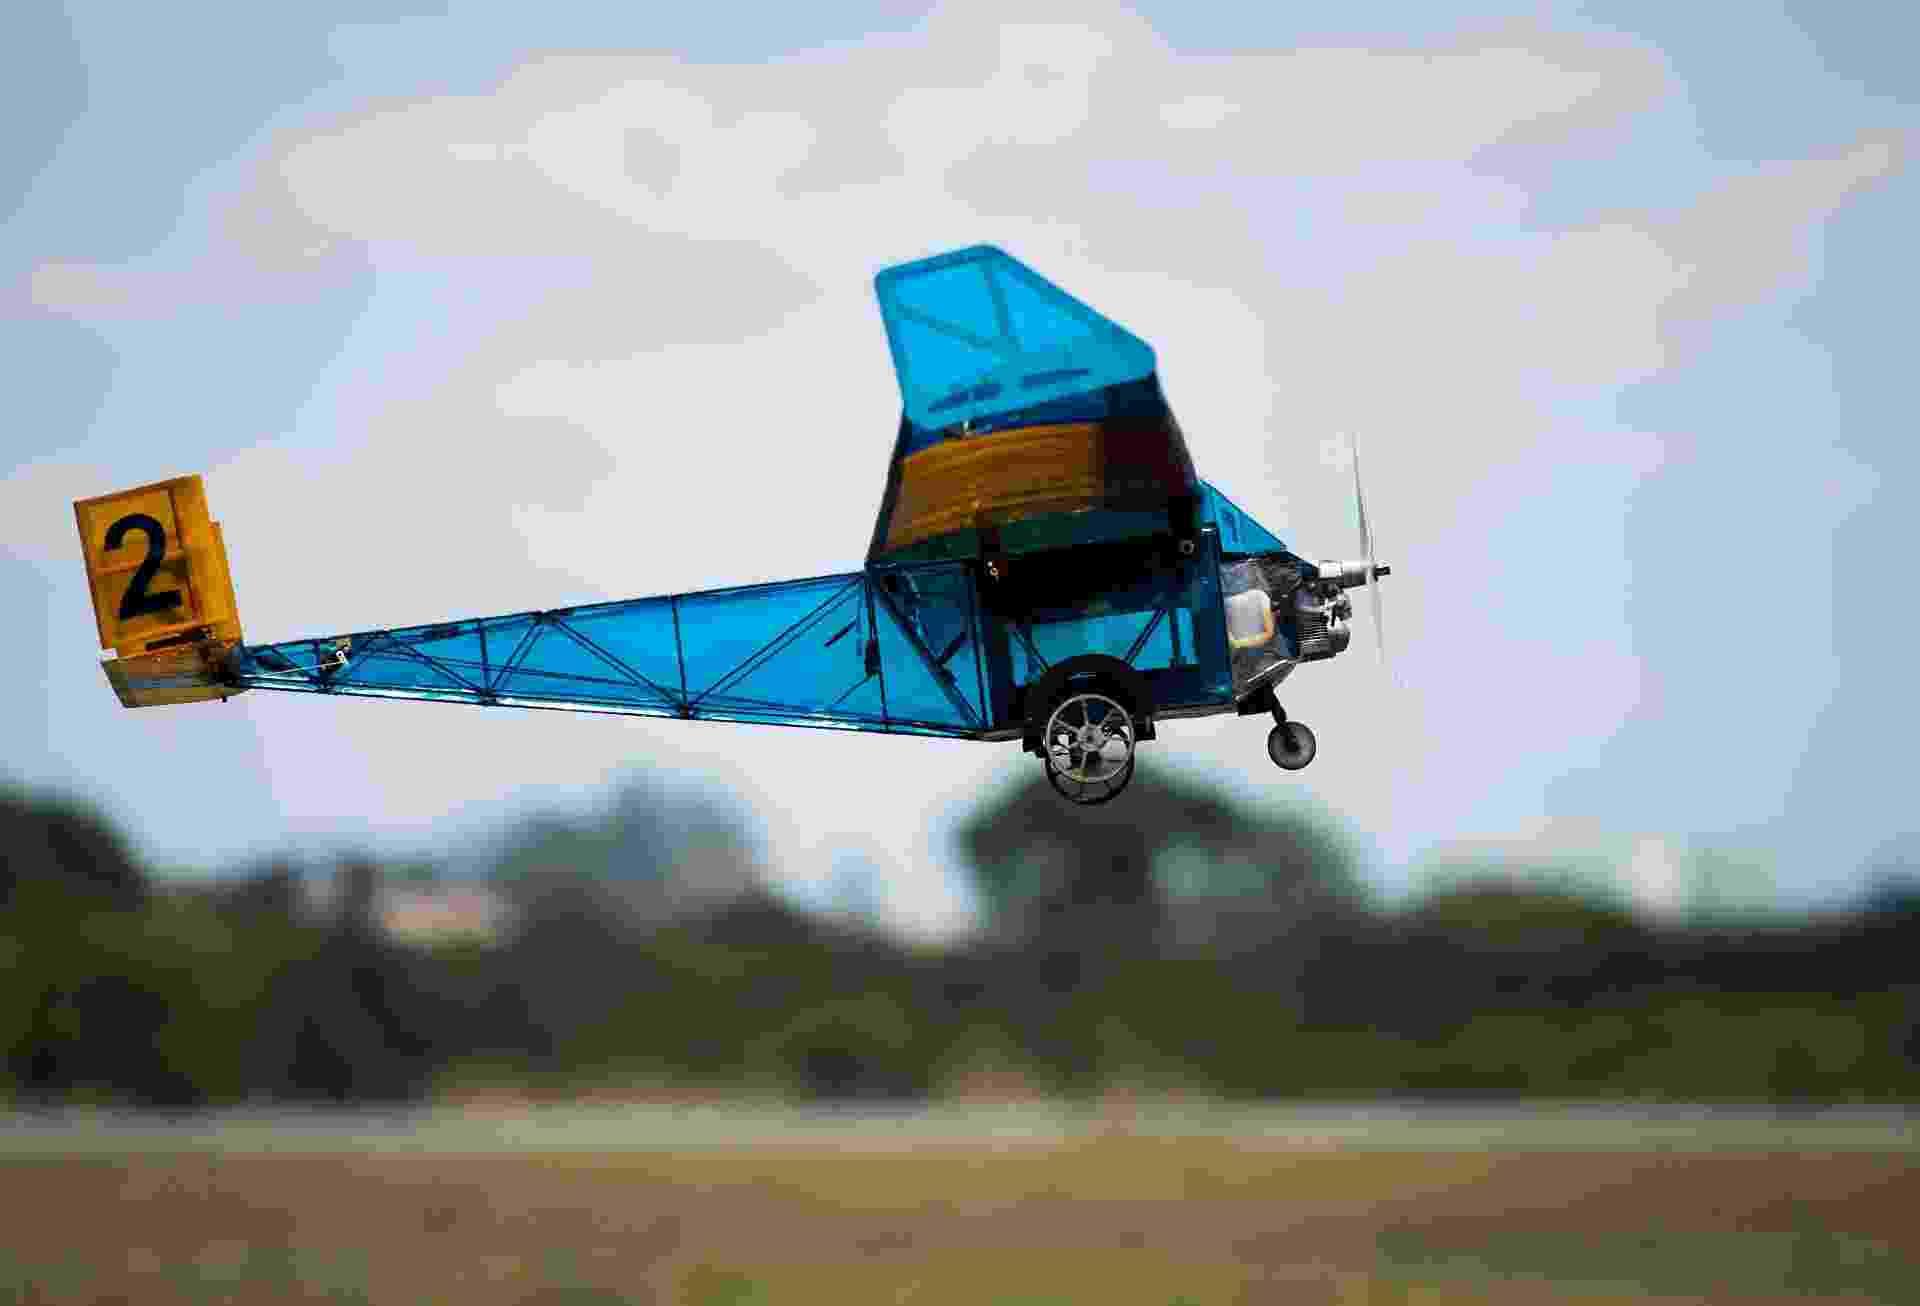 Aviões criados por estudantes participam da 16ª Competição SAE BRASIL AeroDesign em São José dos Campos (SP) - Roosevelt Cássio/UOL